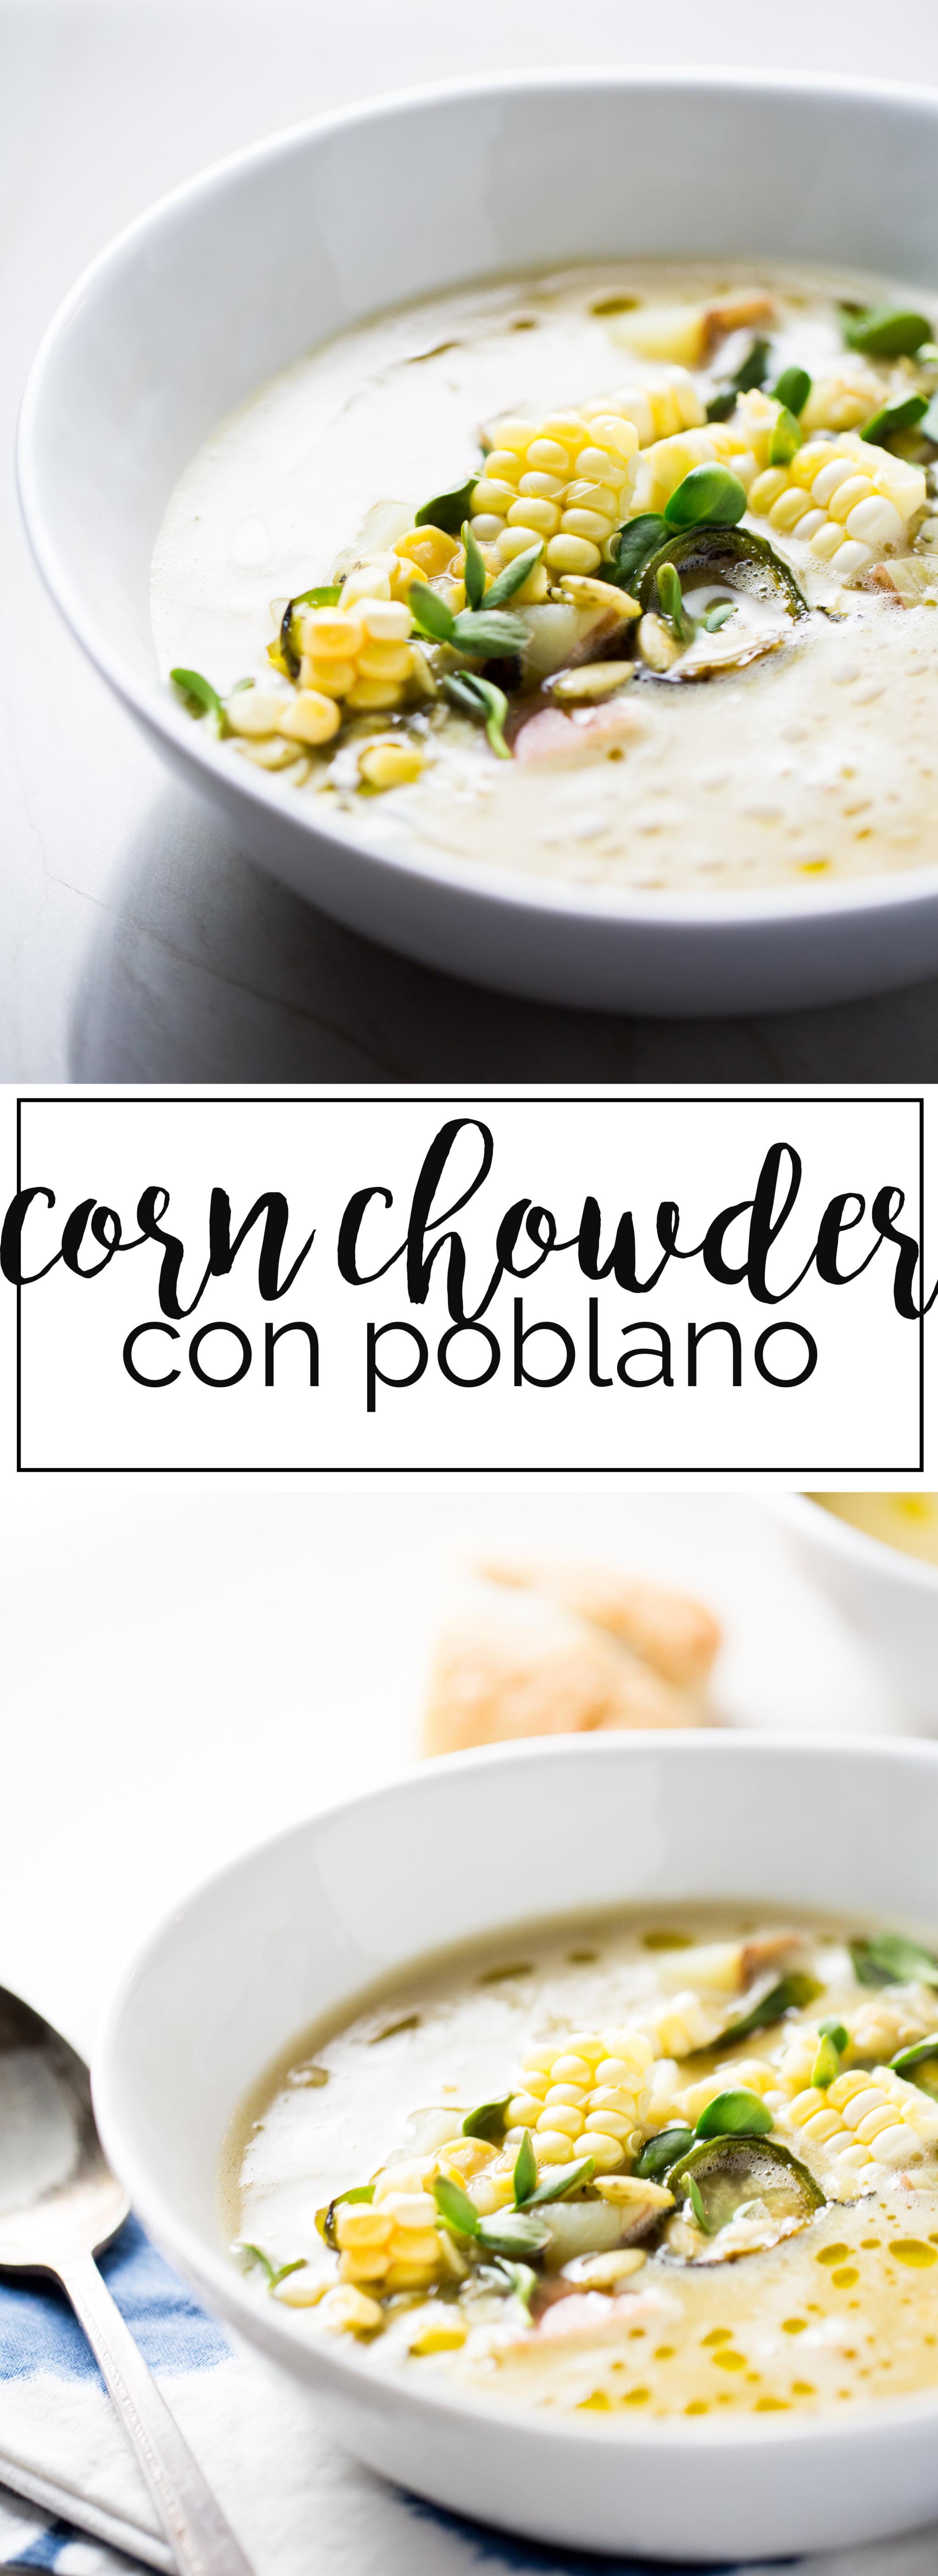 Esta receta super saludable de corn chowder te va a encantar. Es una receta fácil de hacer, perfecta para el verano y es una sopa muy nutritiva.